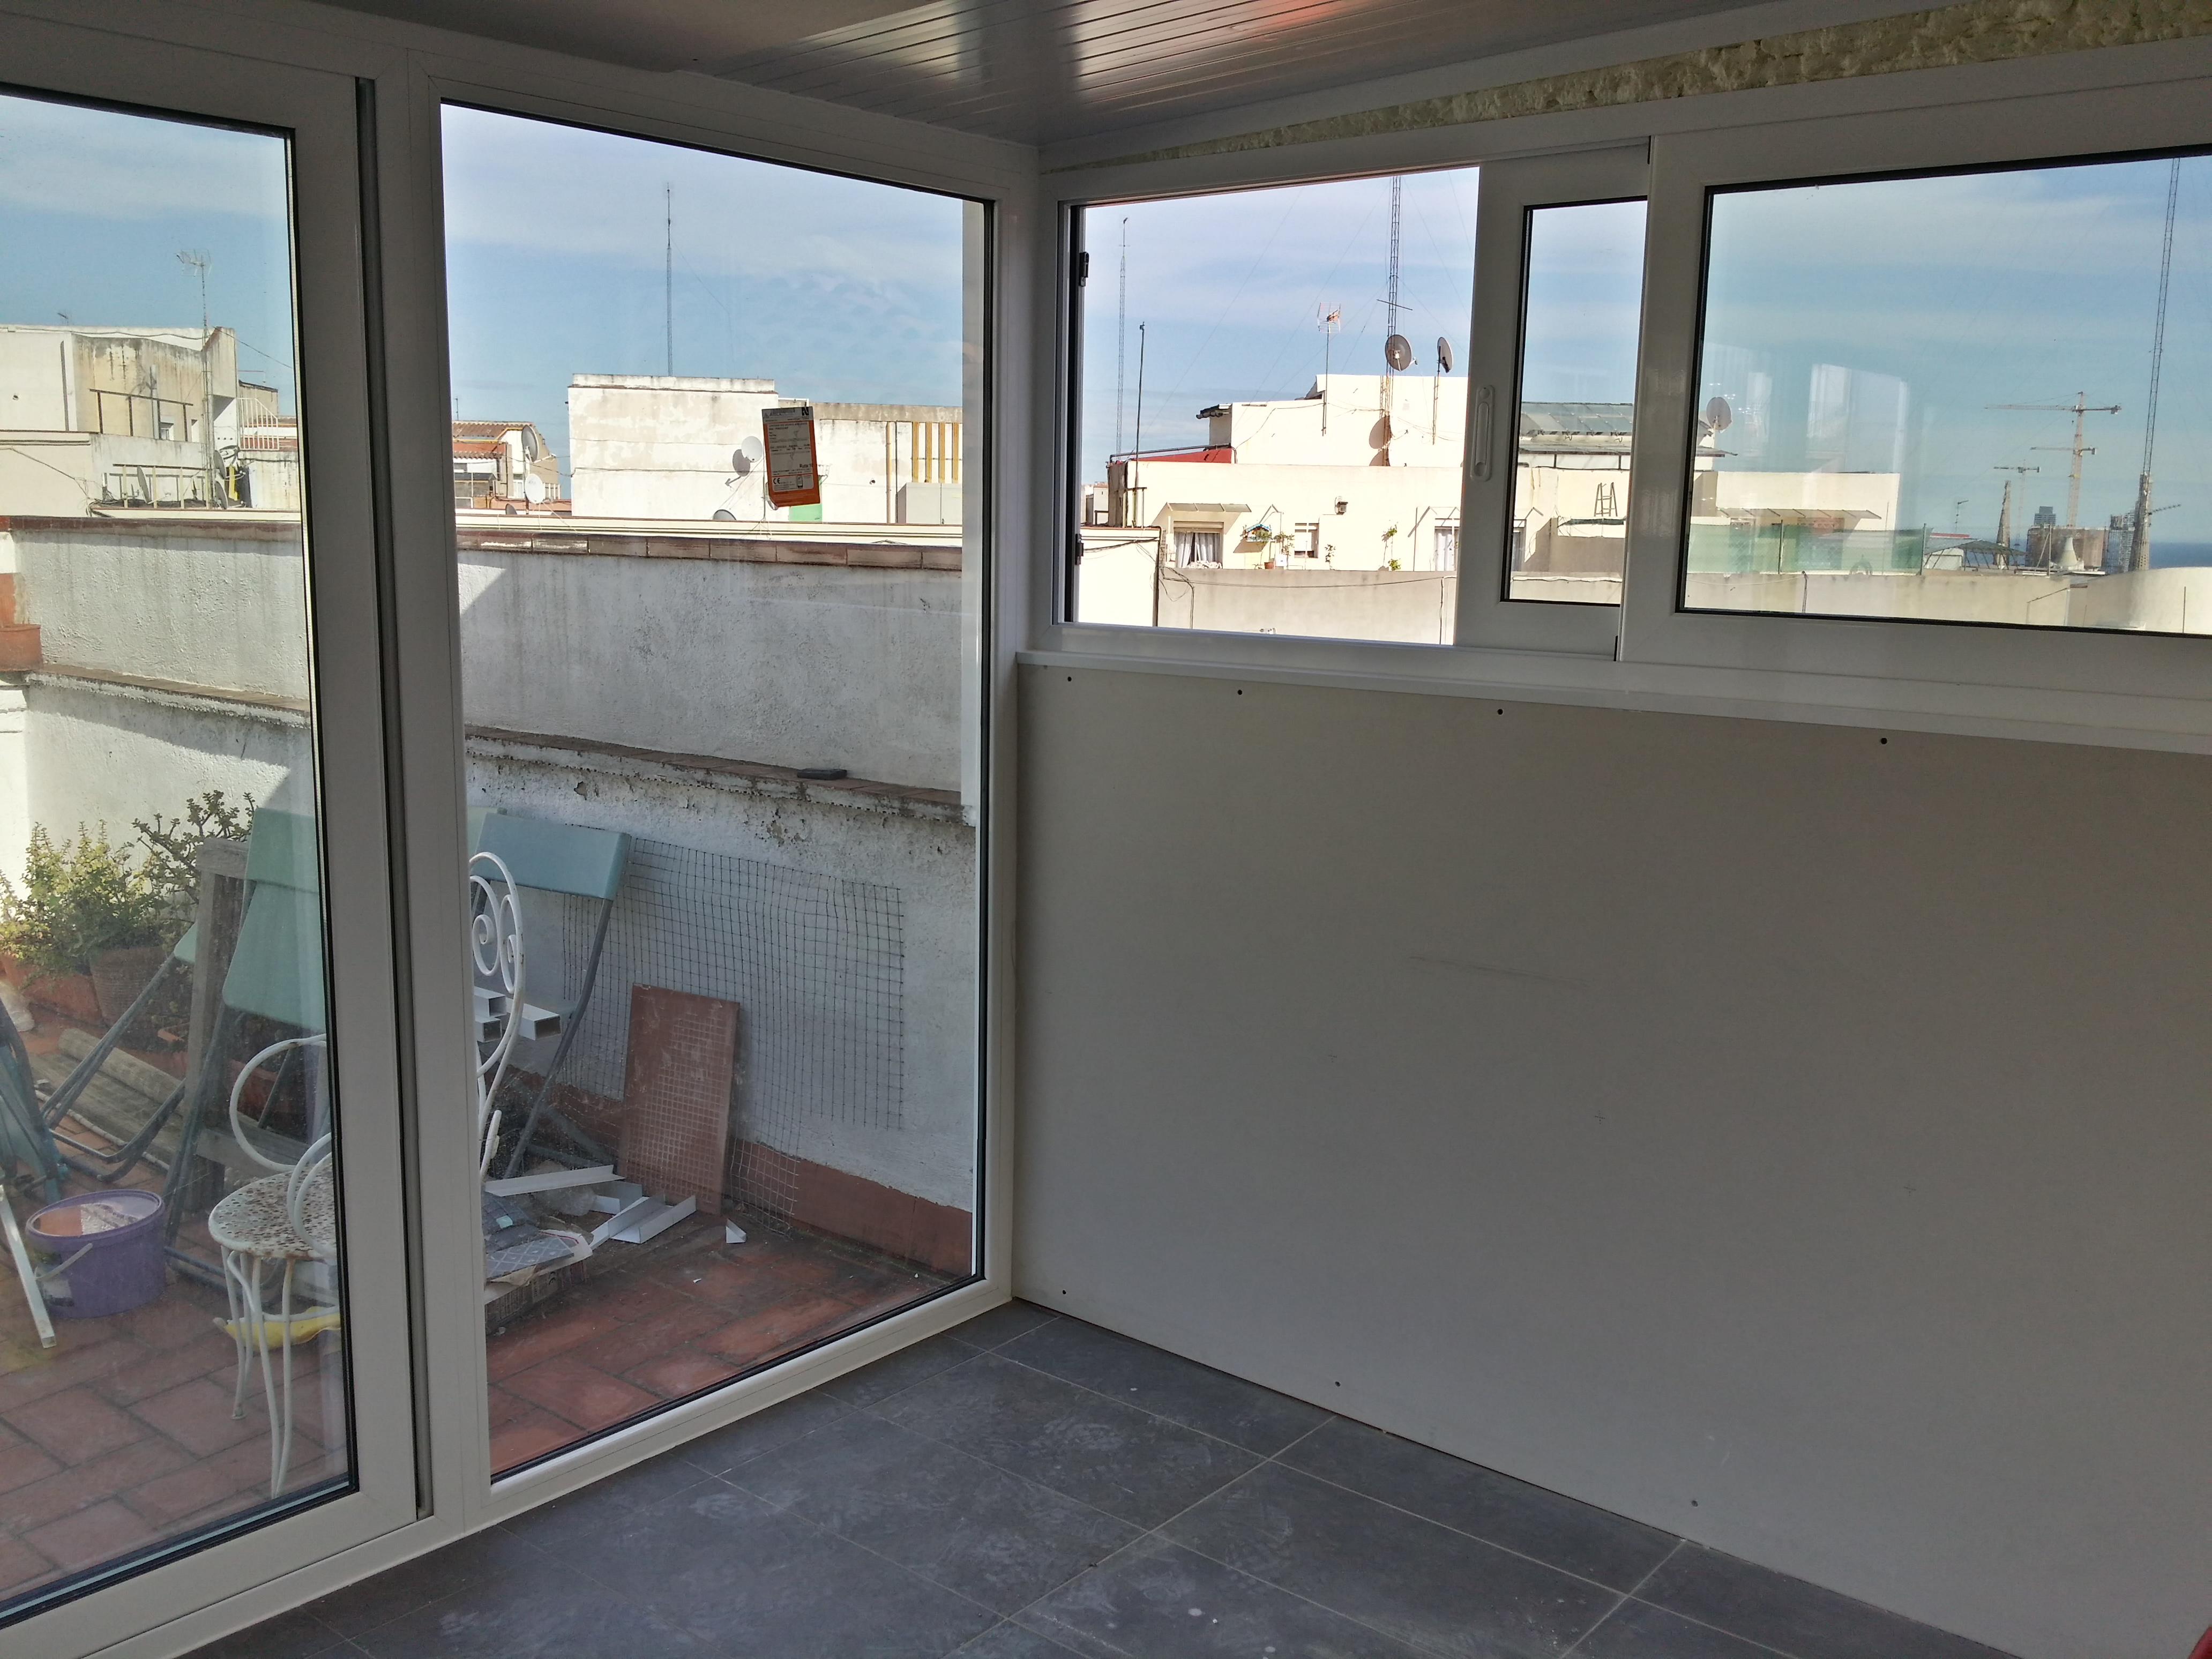 Fabricaci n distribuci n e instalaci n de cerramiento for Cerramientos de vidrio para interiores